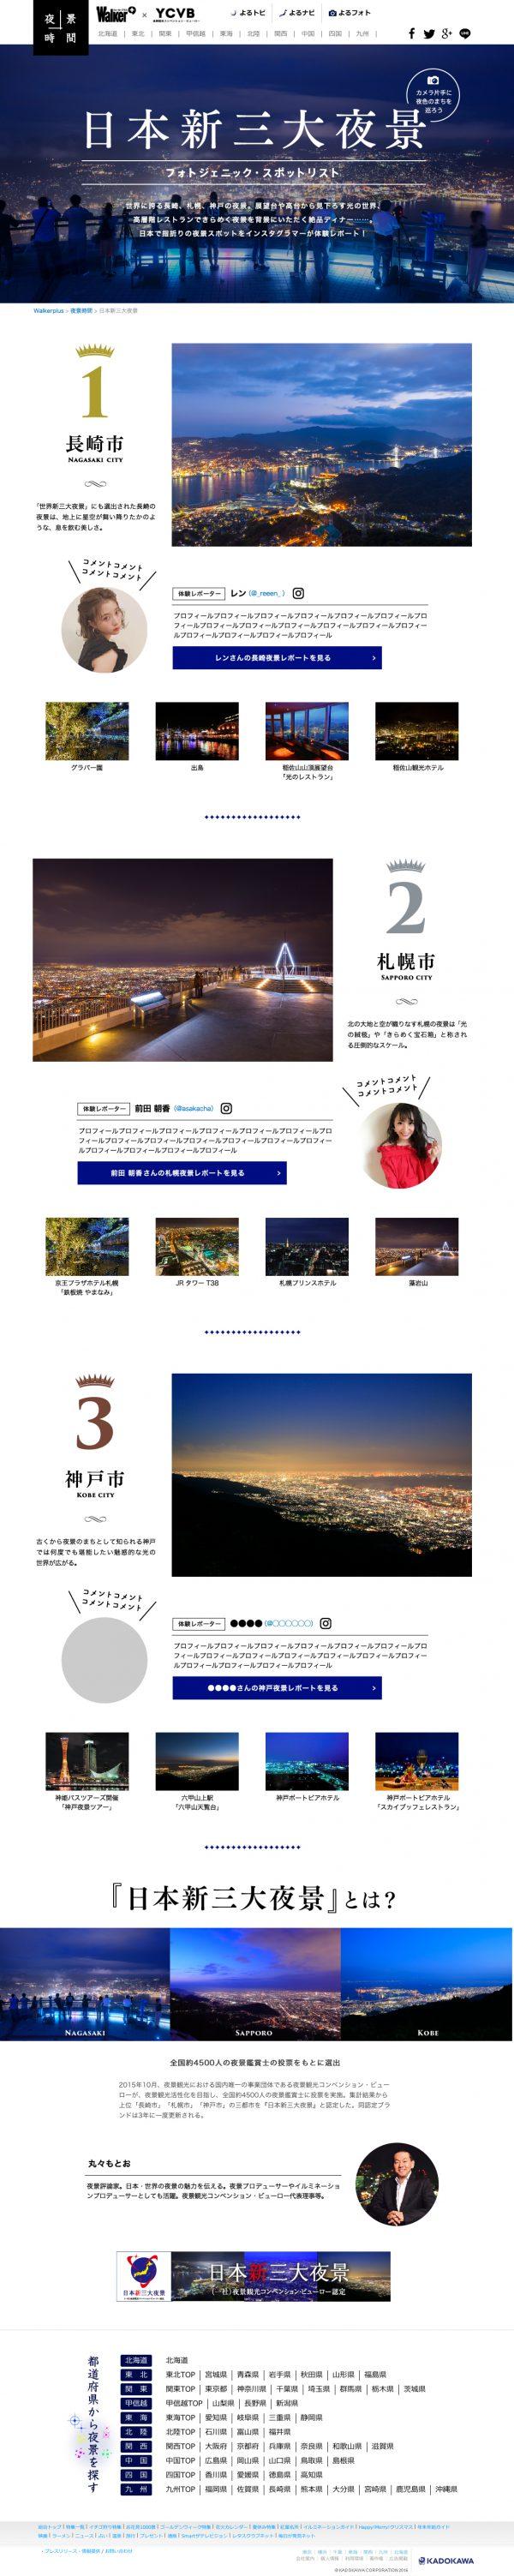 日本新三大夜景TOP_171020